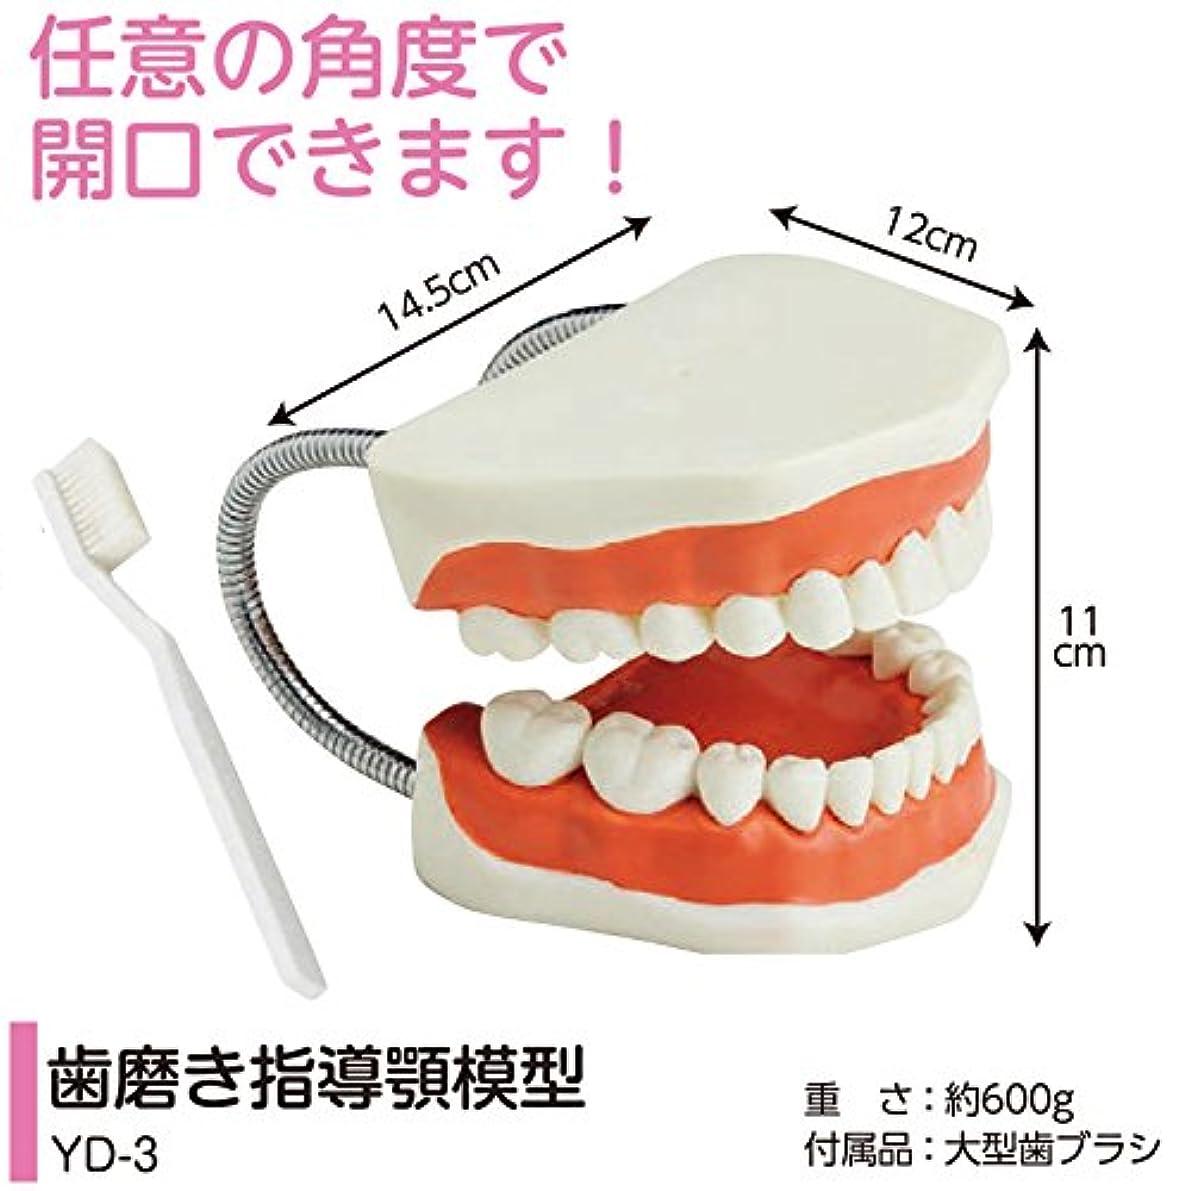 余韻実現可能わずらわしい歯磨き指導用 顎模型 YD-3(歯ブラシ付) 軽くて持ちやすい歯みがき指導顎模型